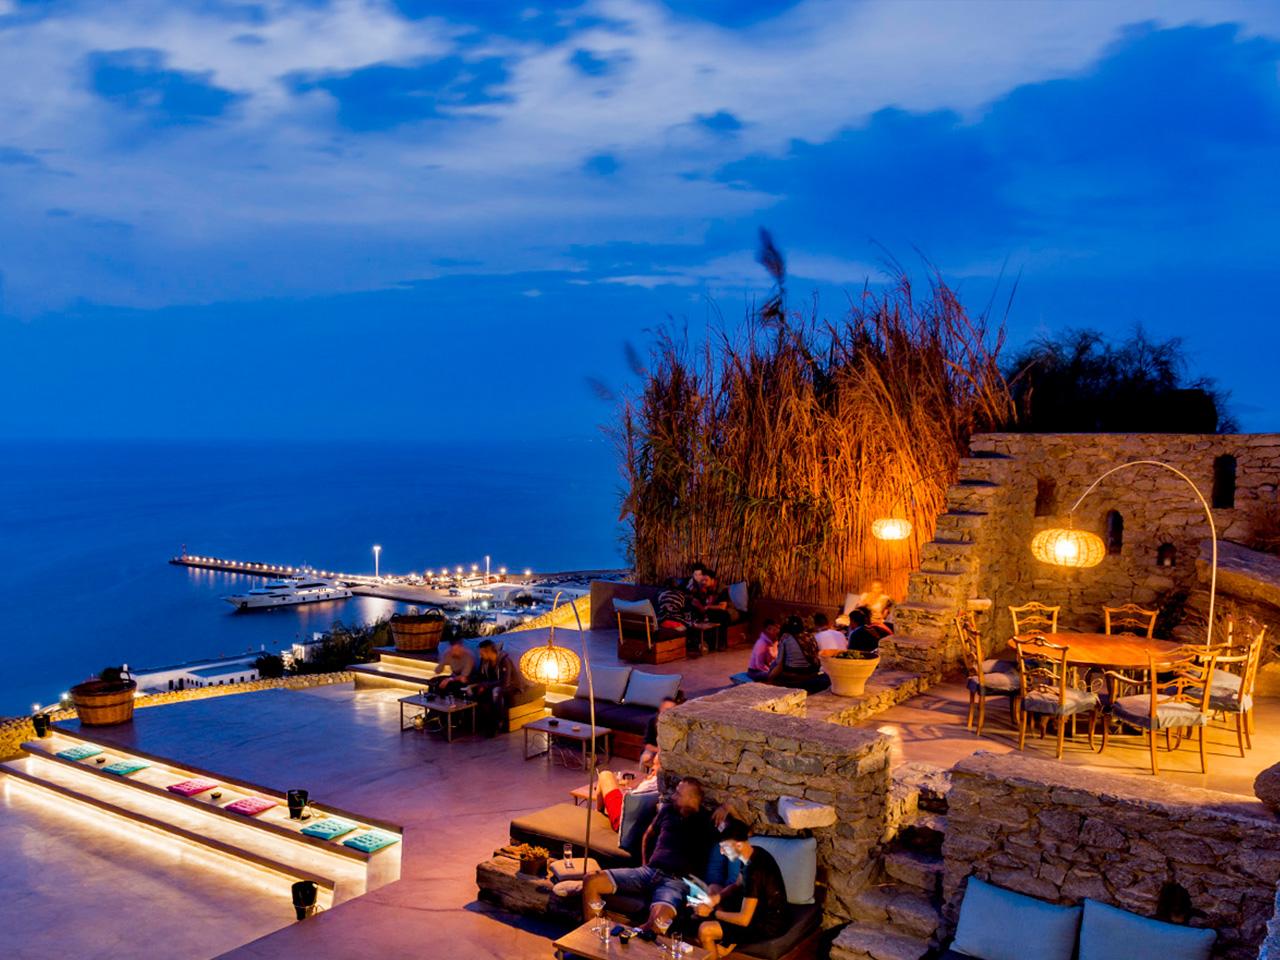 7 Lugares para conhecer em Mykonos na Grécia - Blog Why Not?